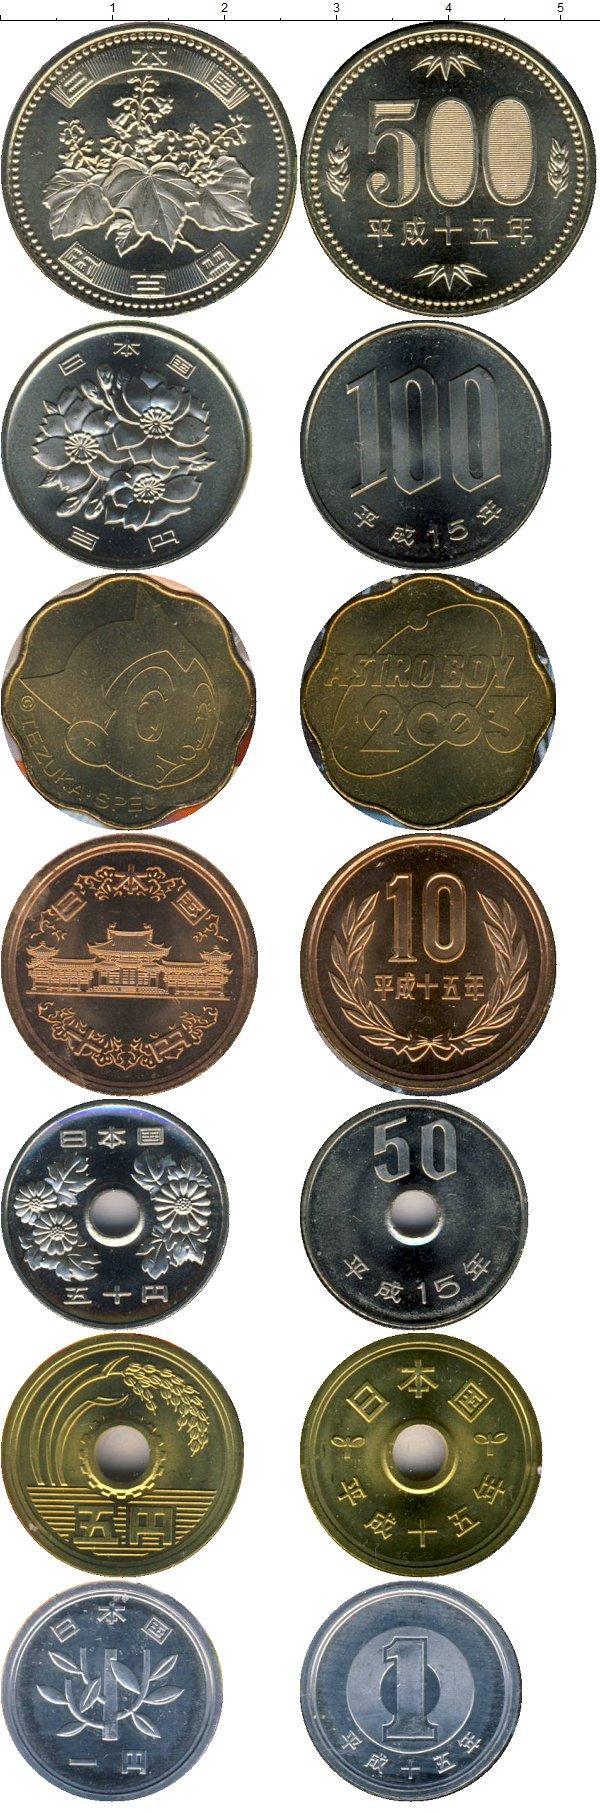 Каталог монет - Япония Выпуск монет 2003